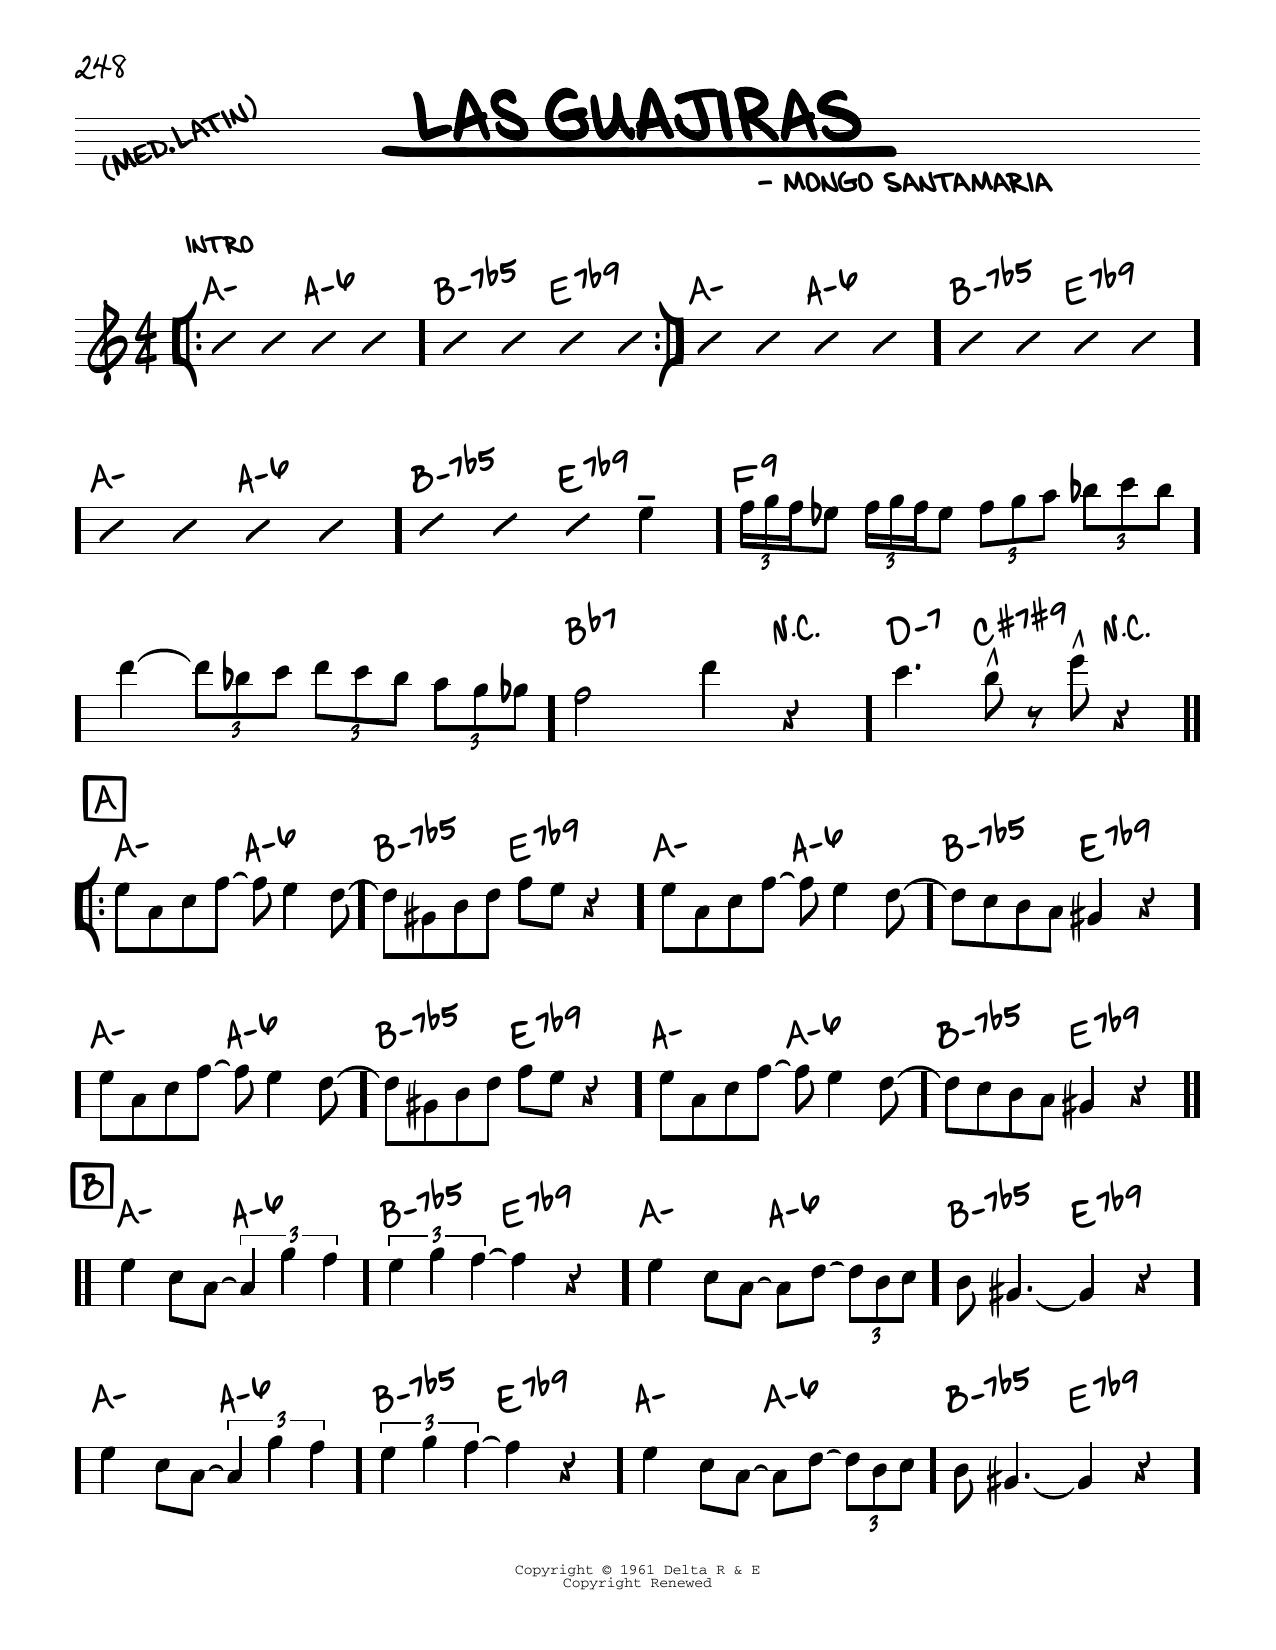 Mongo Santamaria Las Guajiras sheet music notes and chords. Download Printable PDF.